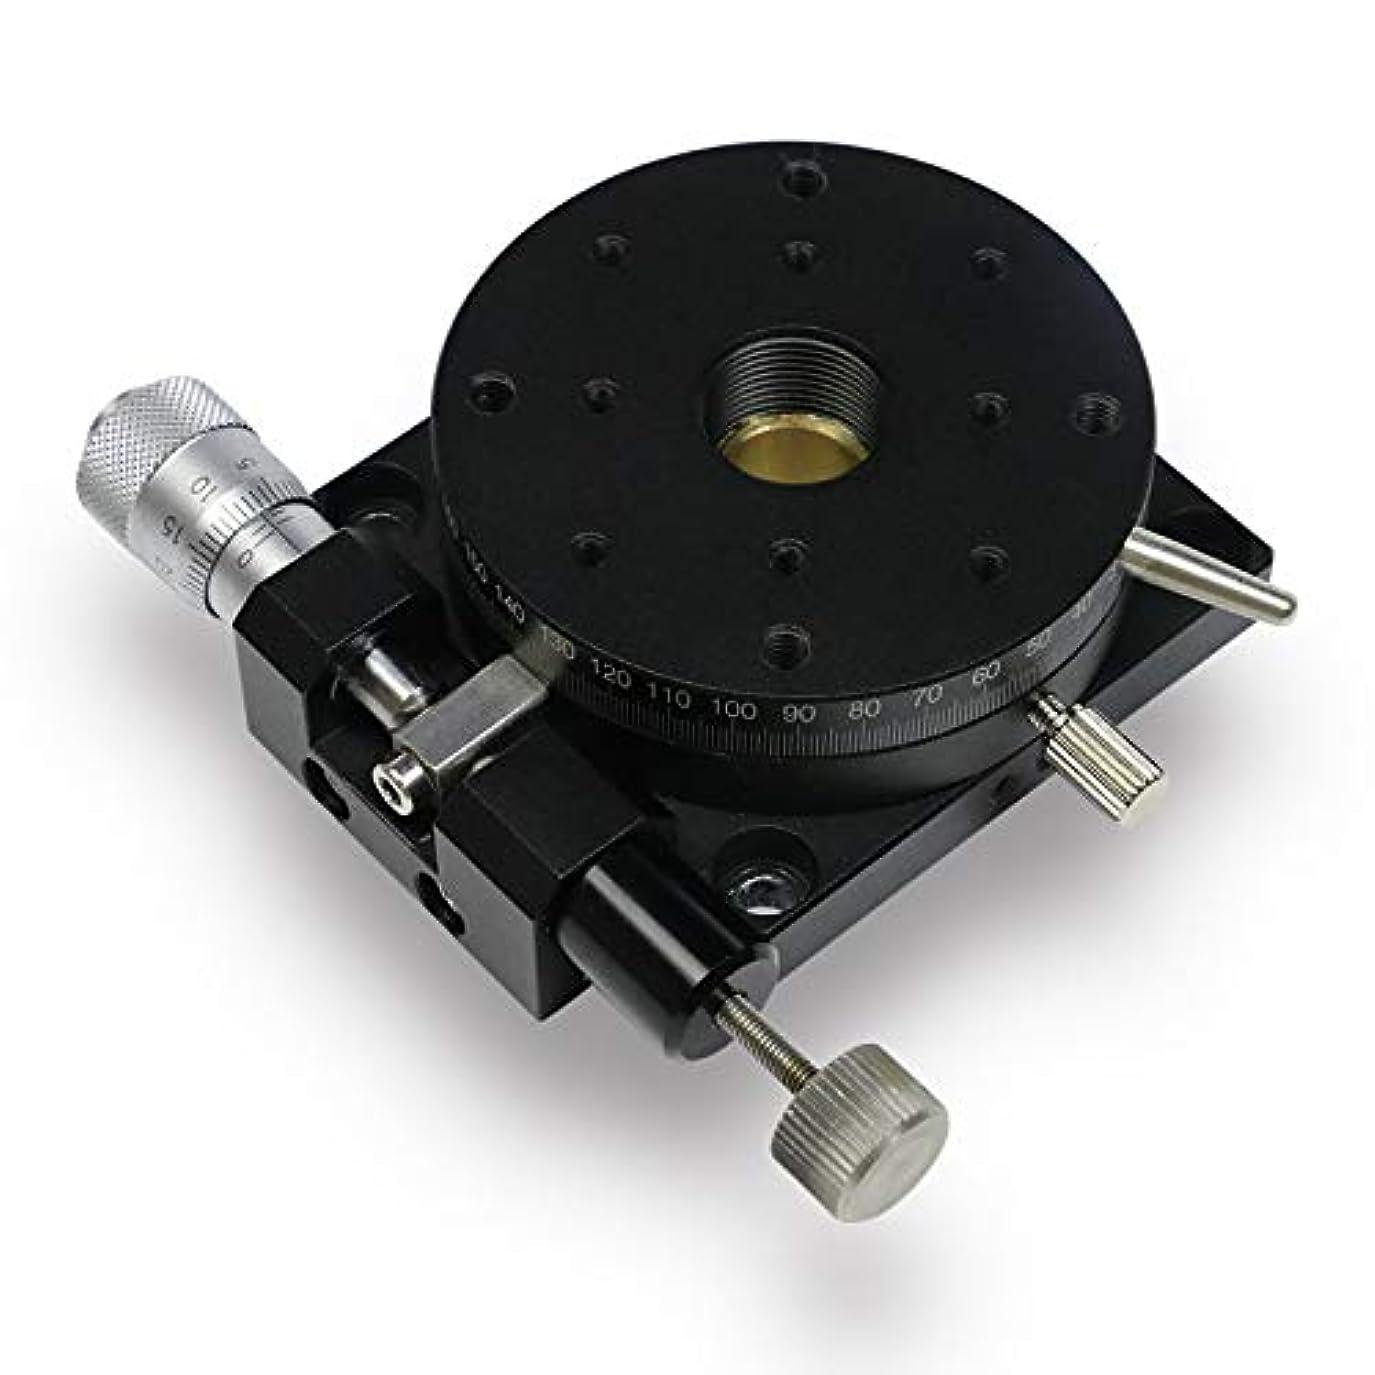 思いやり細部オーブンHuanyu R軸回転ステージ 360°精密手動 微調整用 回転ステージ マイクロメーター 85mmx85mm RPG85 (φ60mm)